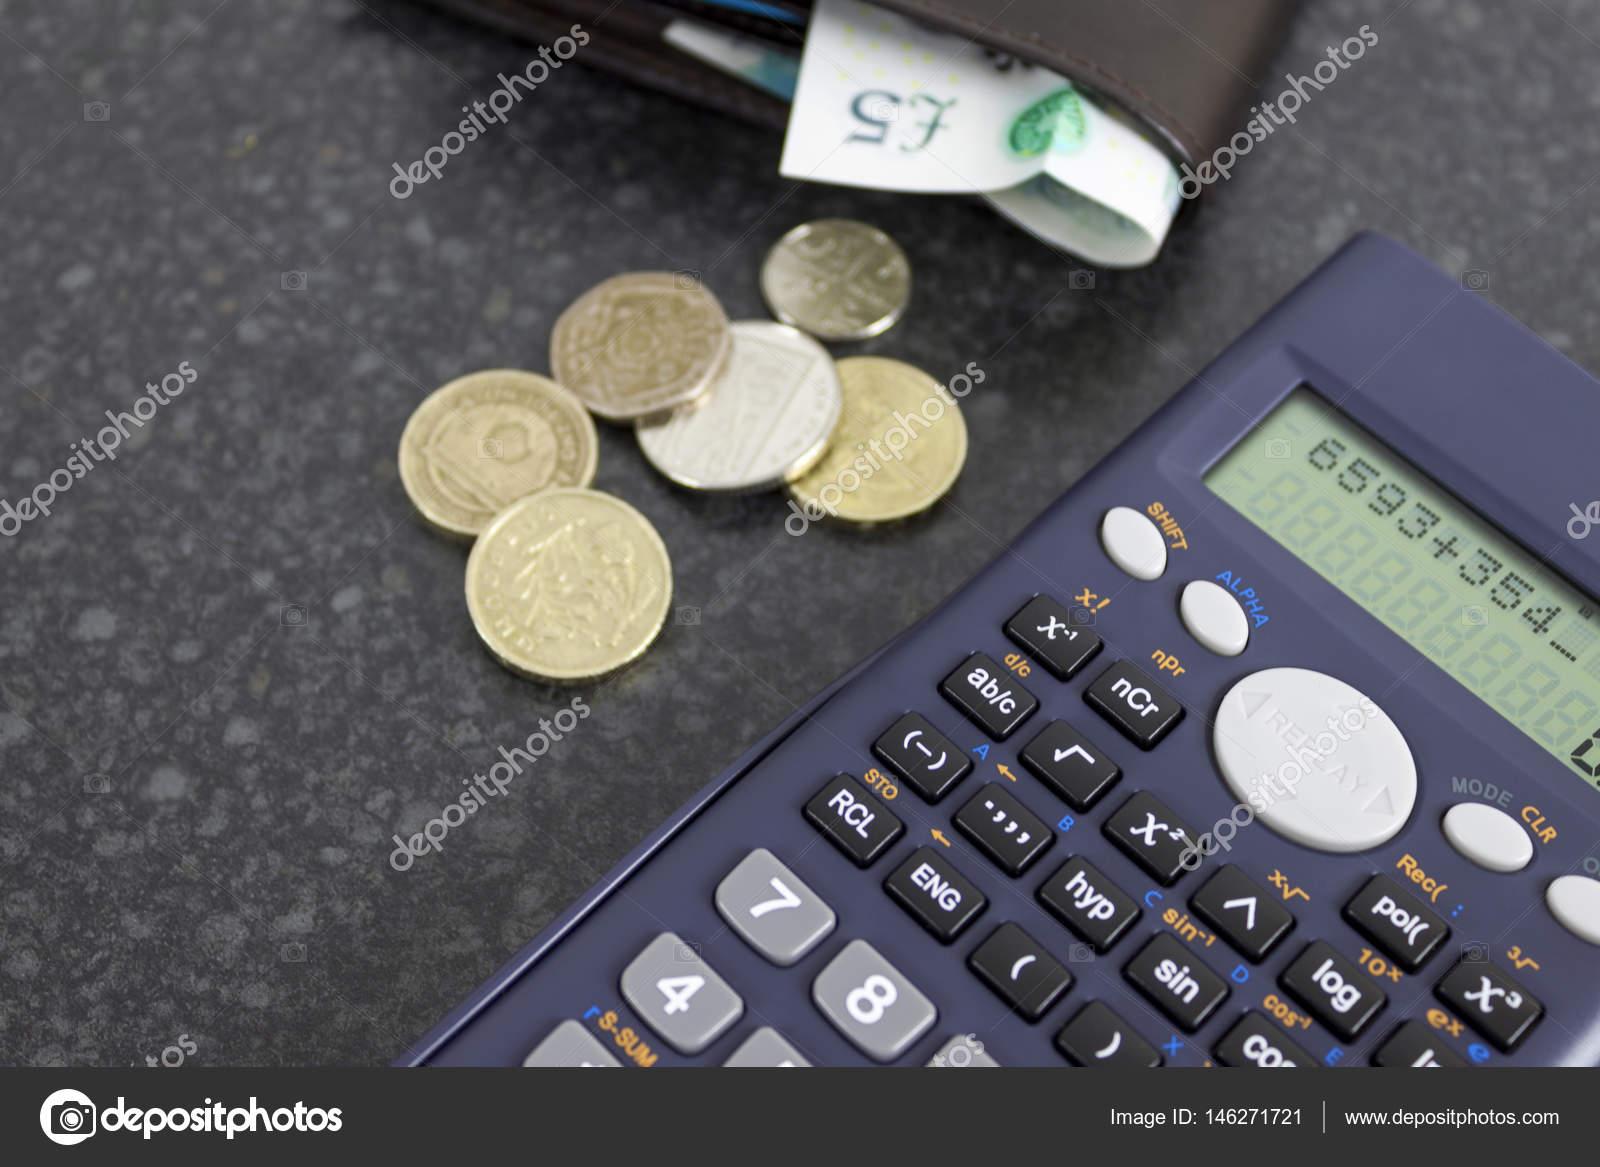 Calculatrice de bureau noir avec une pochette et quelques pièces